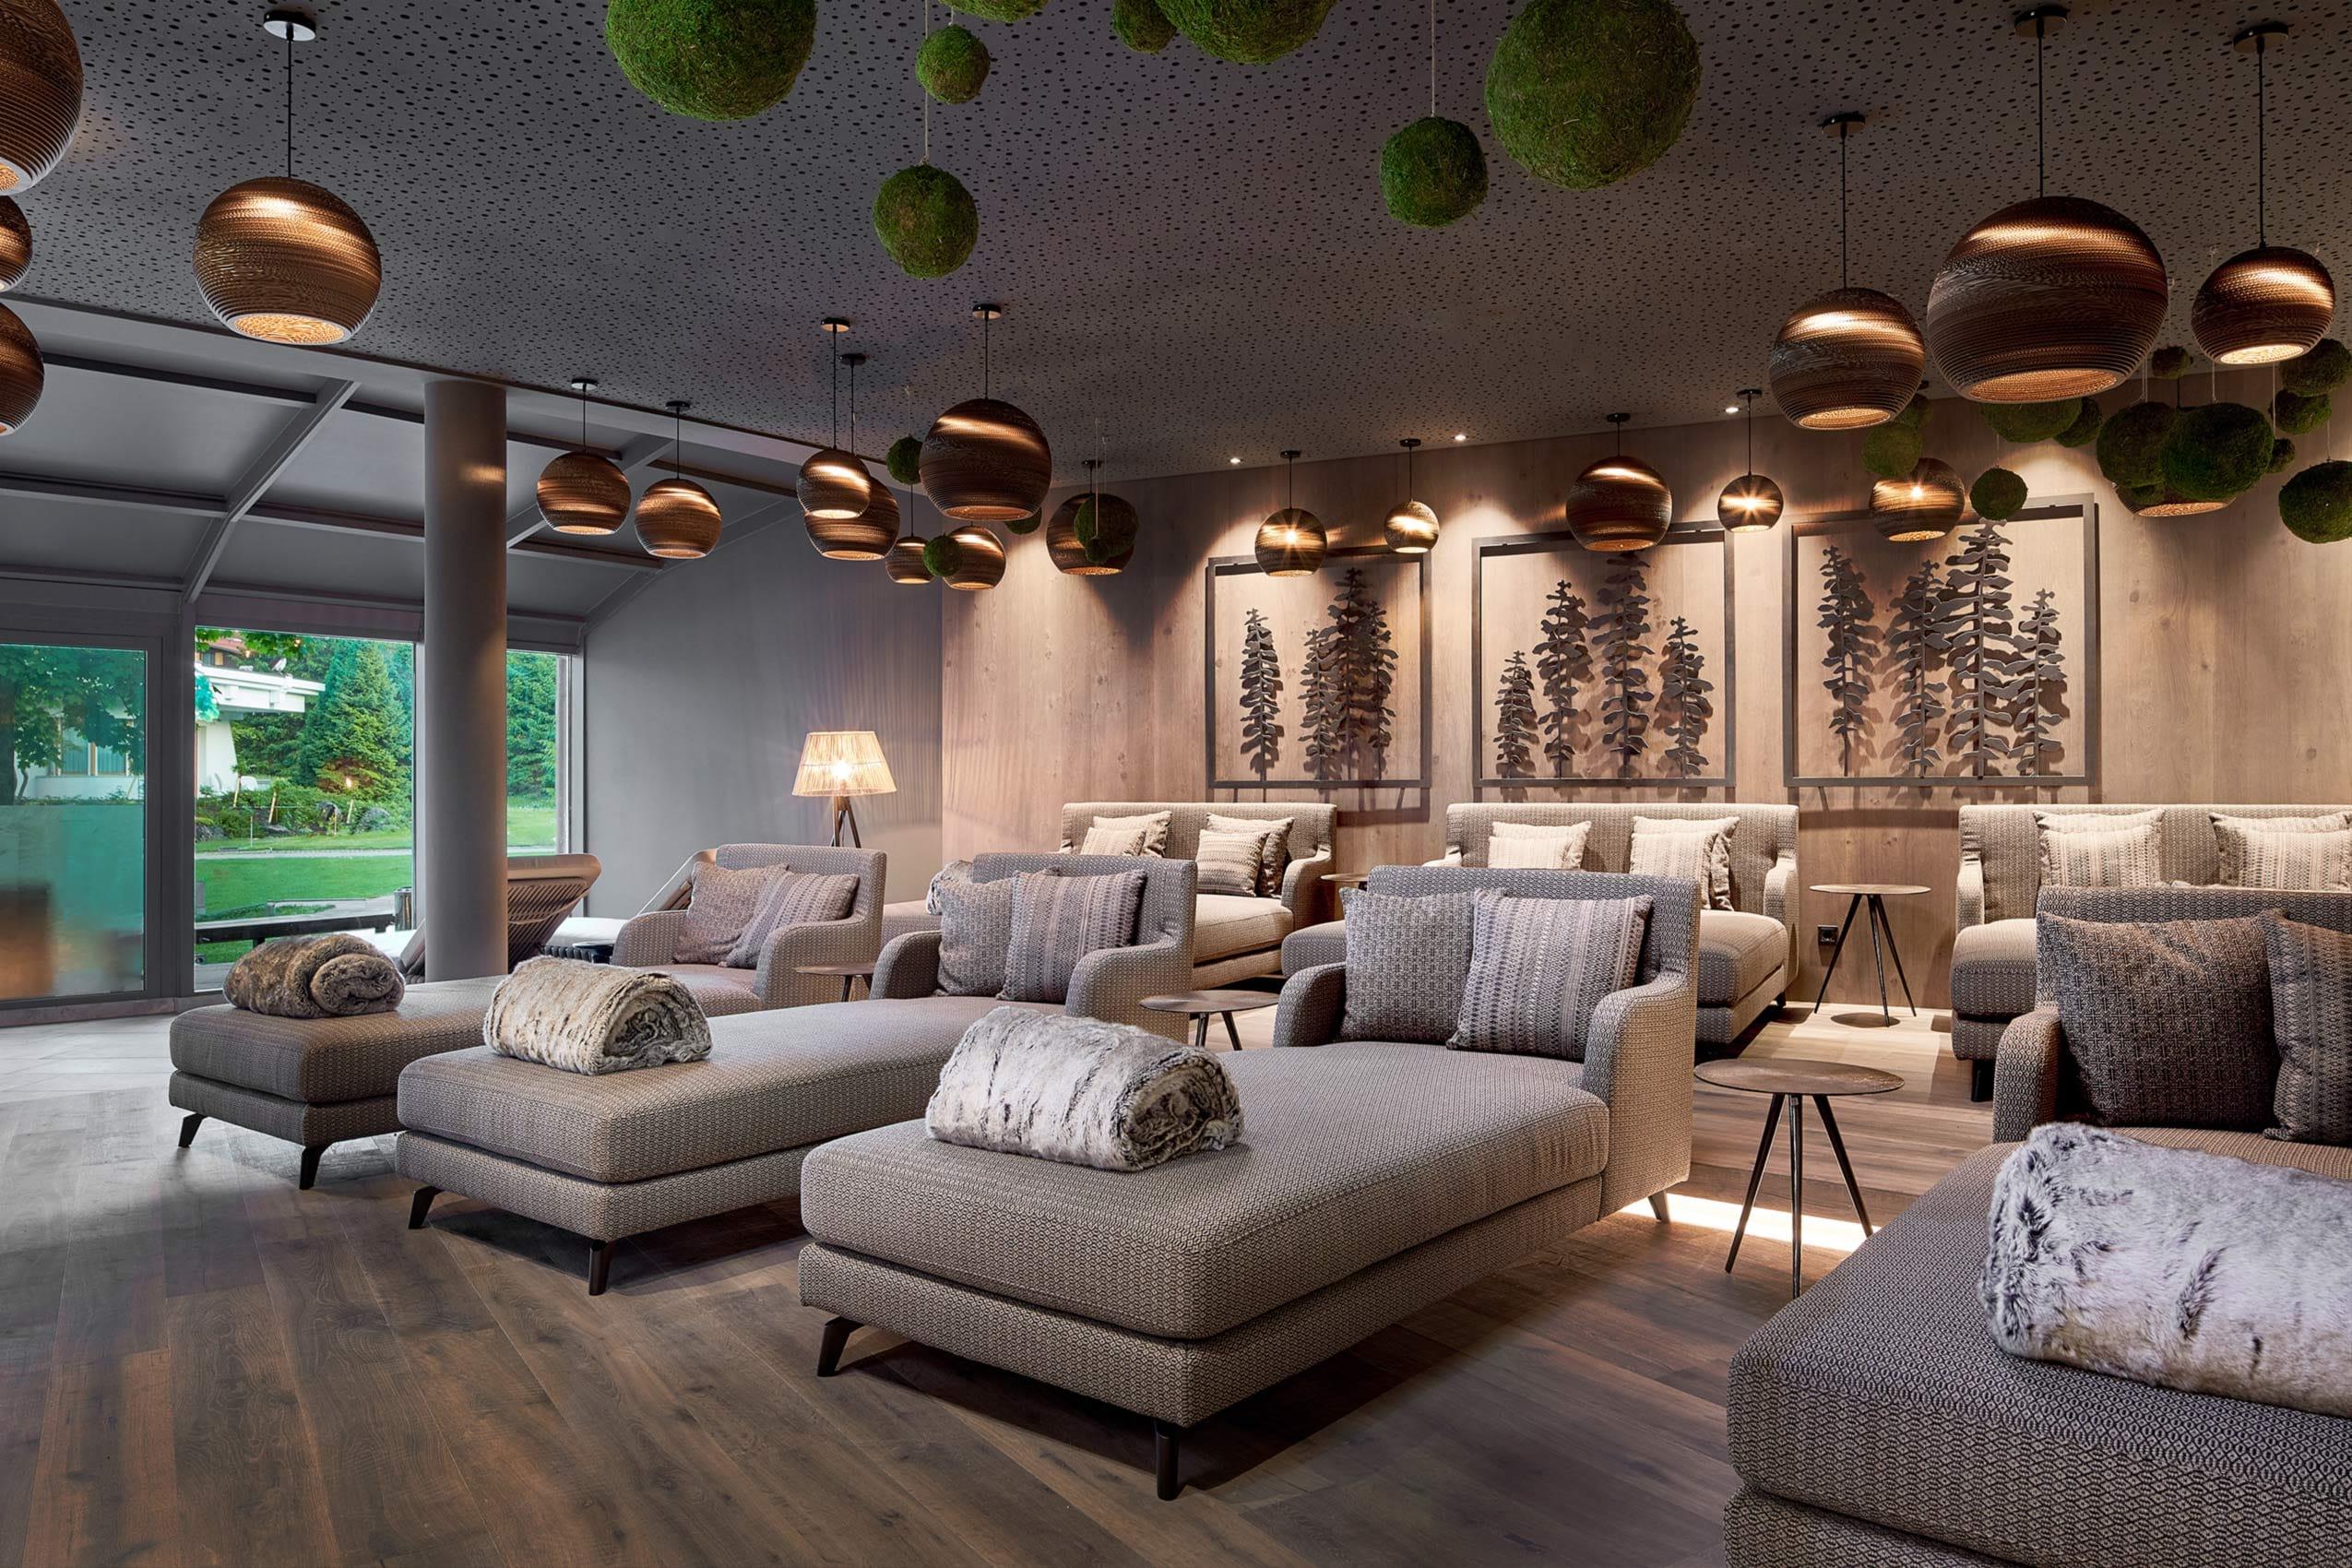 Der stylische Ruheraum in Krumers Alpin Hotel & Spa punktet mit seinen schicken Liegen und dem Ausblick in den Garten.